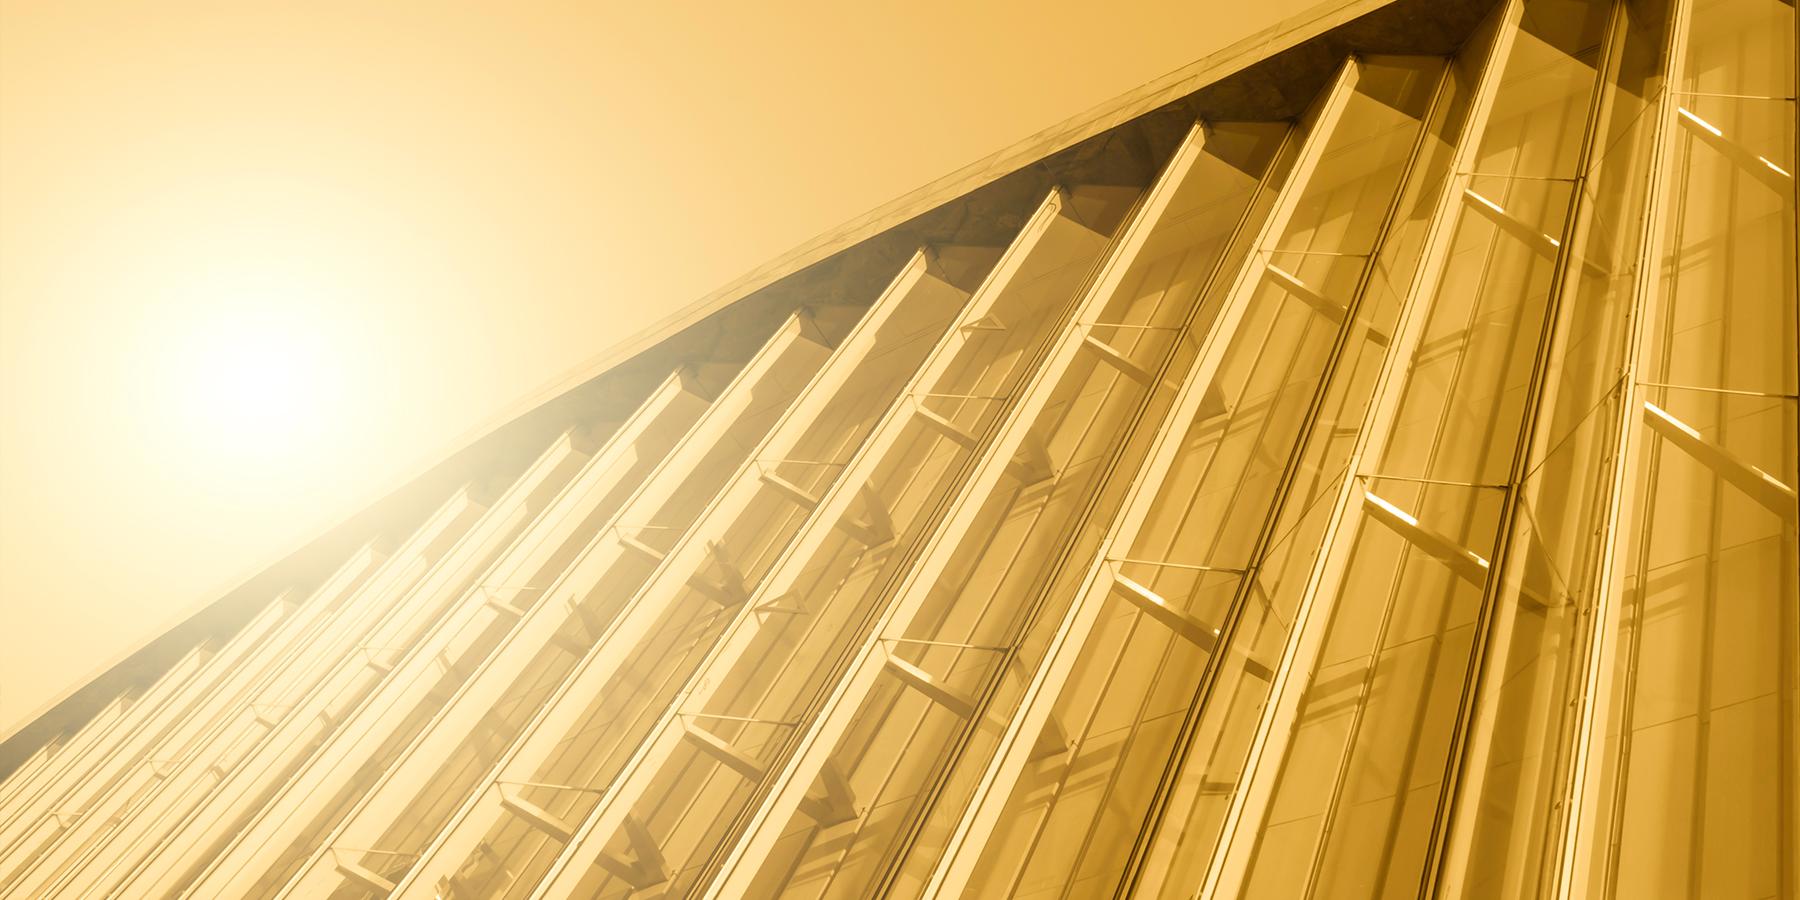 BUILDING ENVELOPE DESIGN